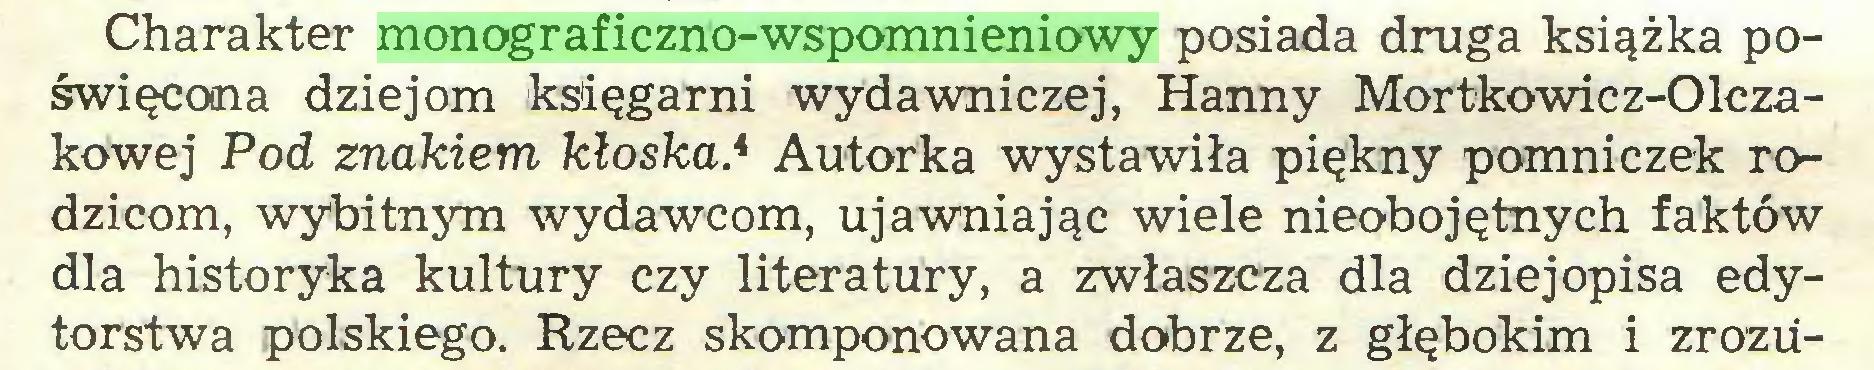 (...) Charakter monograficzno-wspomnieniowy posiada druga książka poświęcona dziejom księgarni wydawniczej, Hanny Mortkowicz-Olczakowej Pod znakiem kłoska* Autorka wystawiła piękny pomniczek rodzicom, wybitnym wydawcom, ujawniając wiele nieobojętnych faktów dla historyka kultury czy literatury, a zwłaszcza dla dziejopisa edytorstwa polskiego. Rzecz skomponowana dobrze, z głębokim i zrozu...